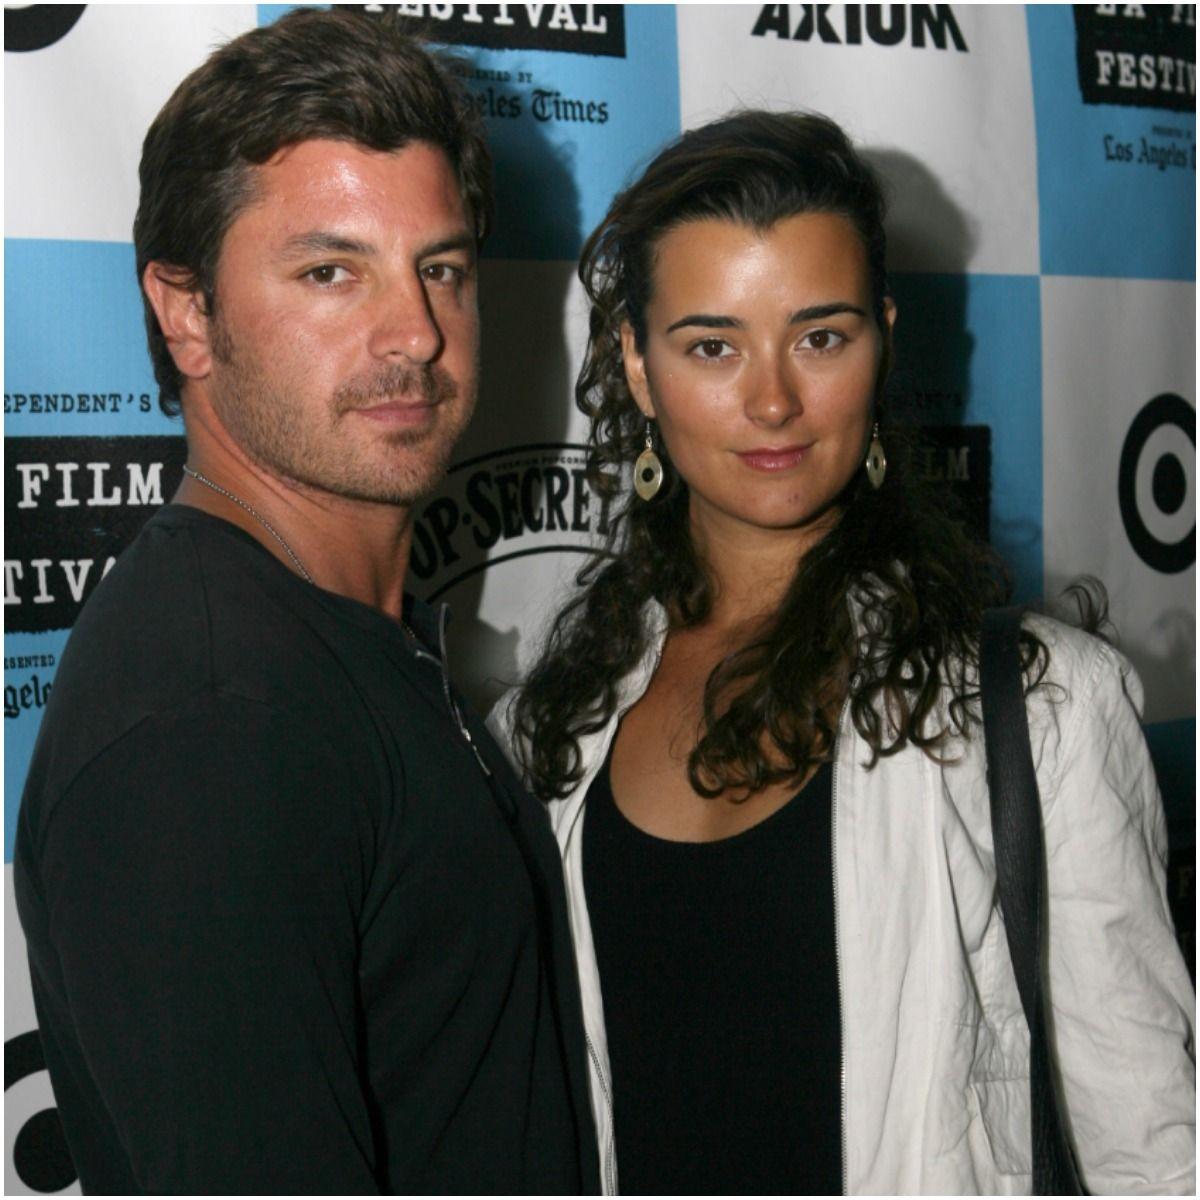 Cote de Pablo and her boyfriend Diego Serrano